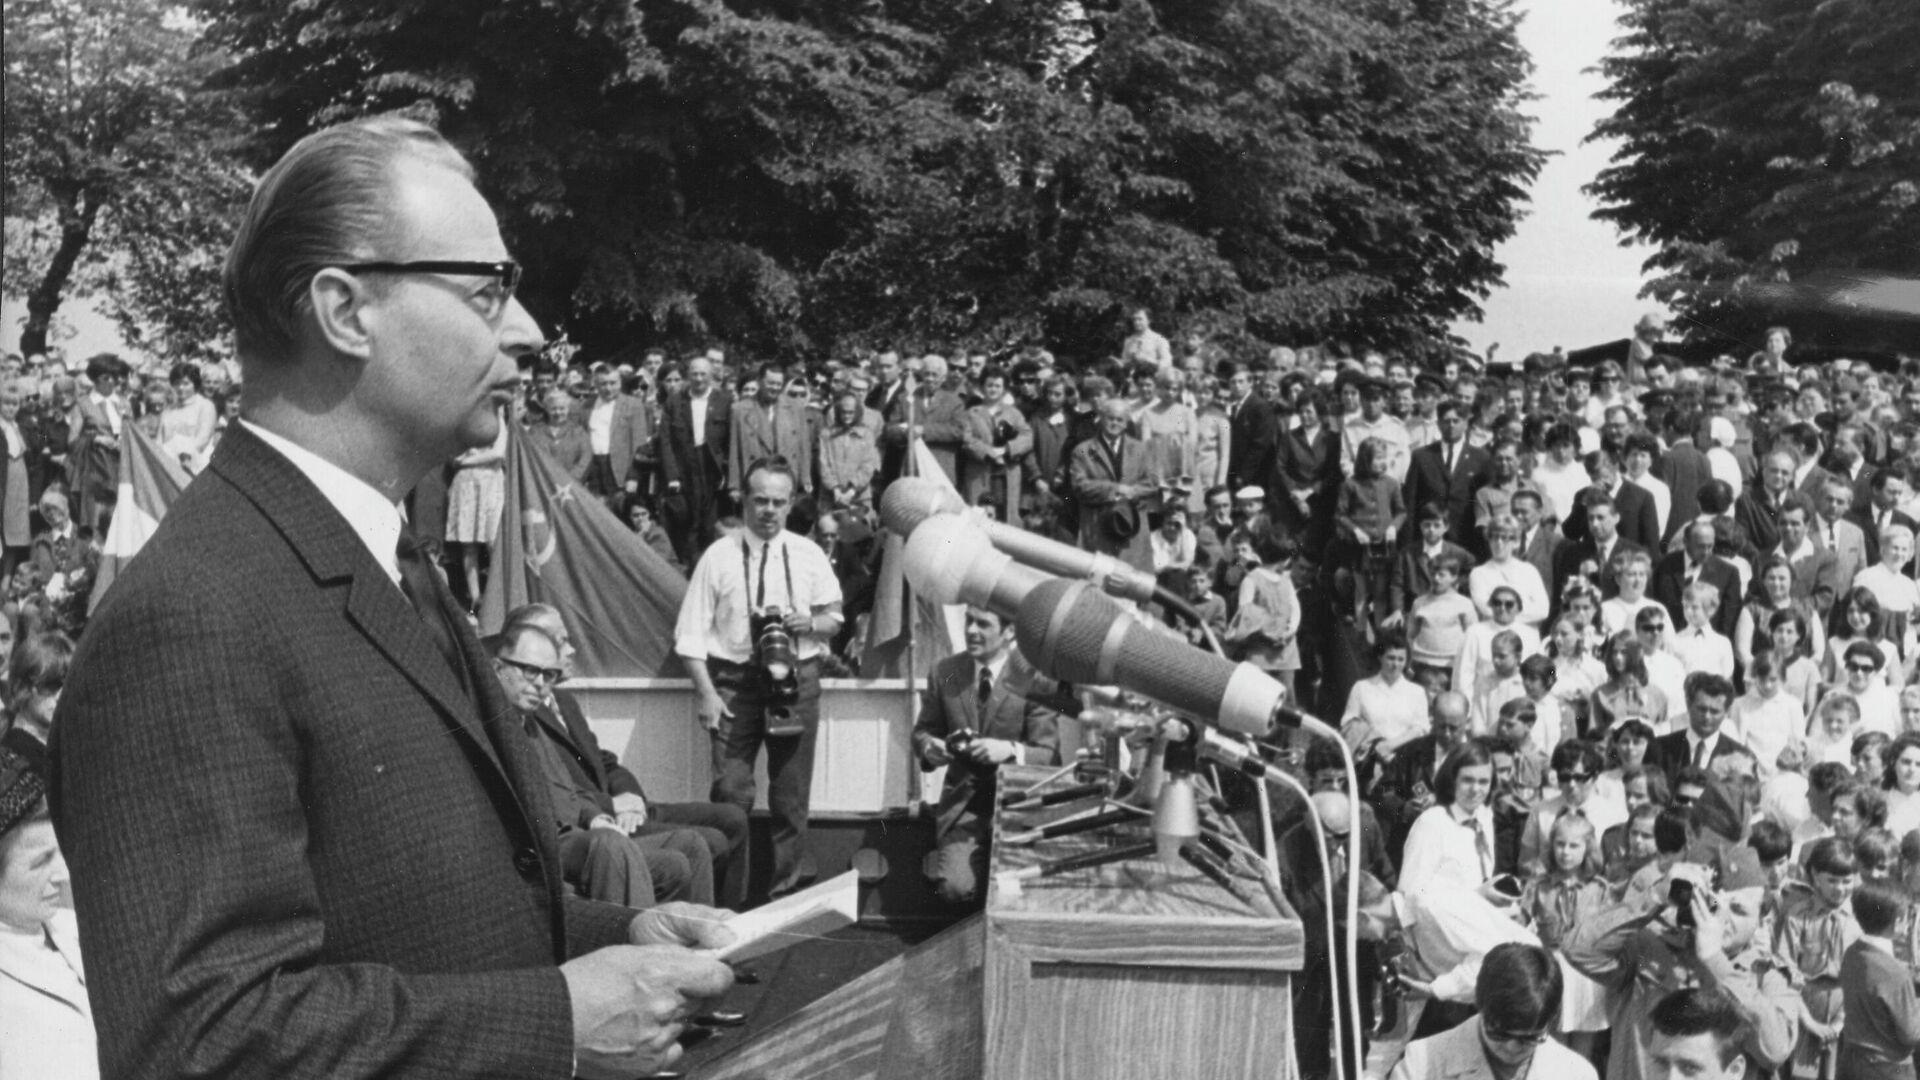 Alexander Dubcek, Vorsitzender der Föderativen Versammlung der Tschechoslowakei, spricht bei einer Friedenskundgebung. Terezin, 18. Mai 1969 - SNA, 1920, 12.10.2021